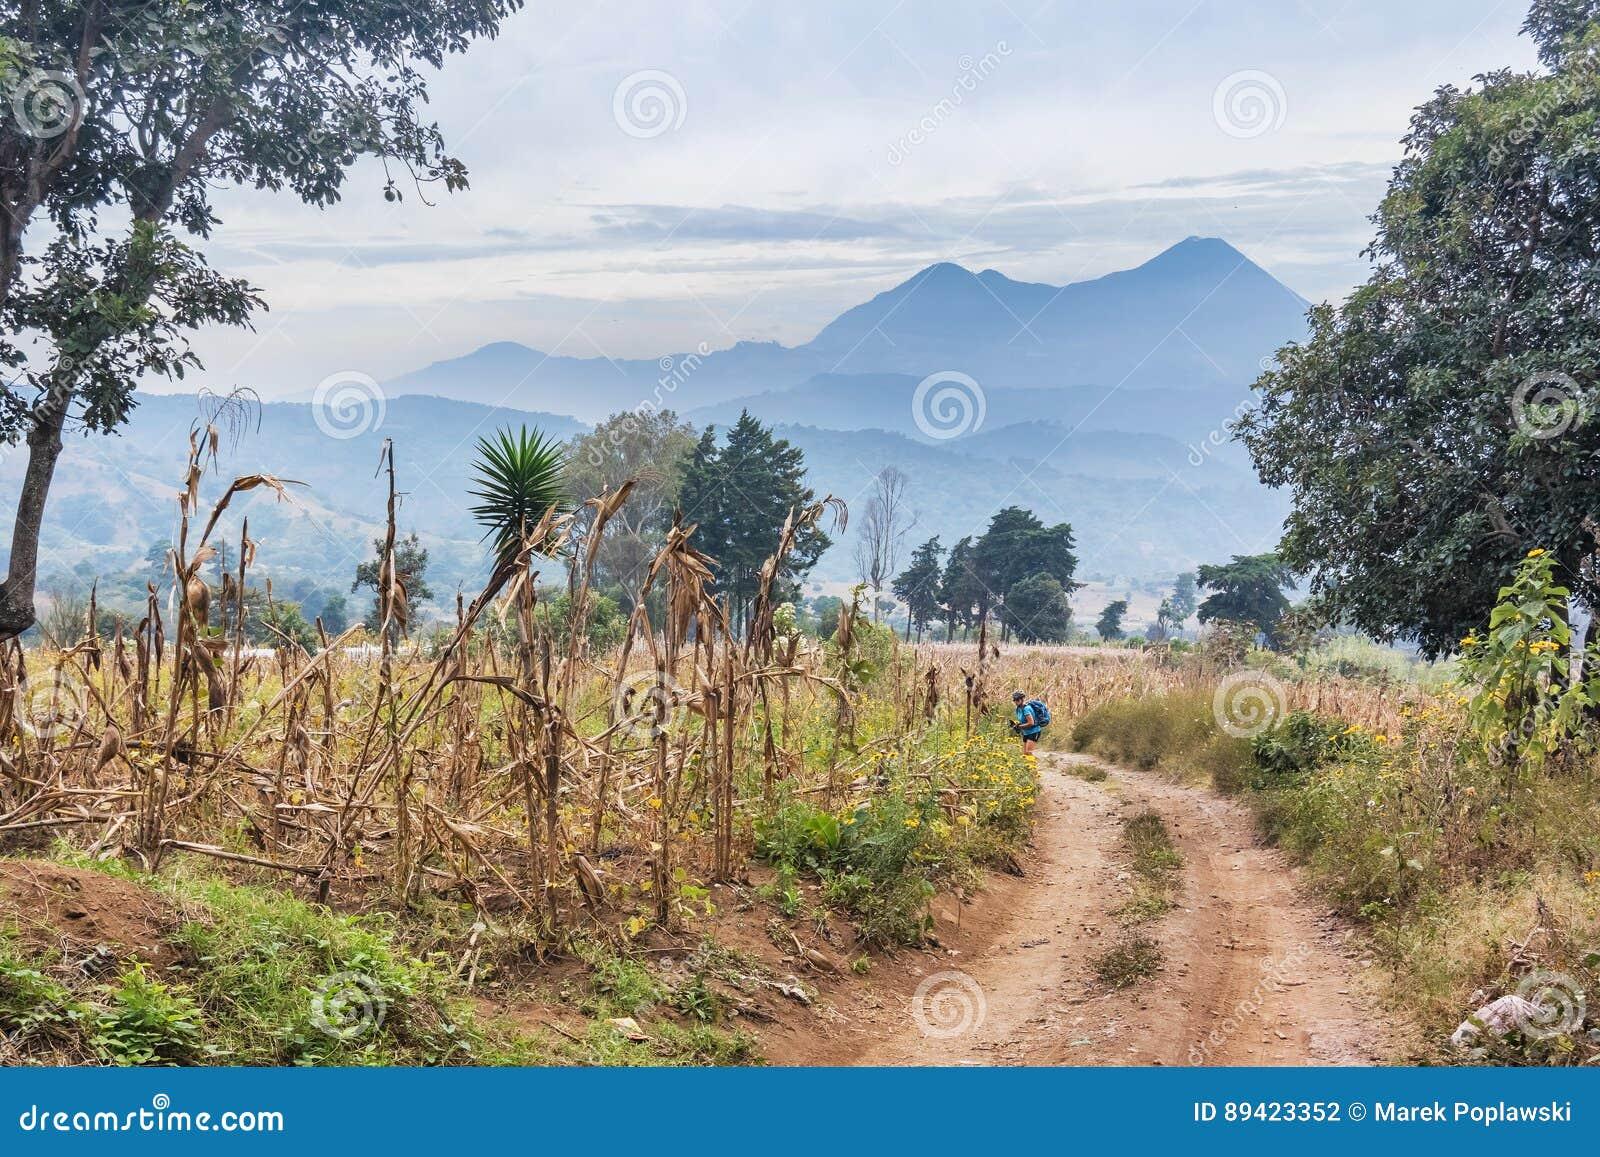 Estrada de terra e as montanhas vulcânicas no fundo no olá!